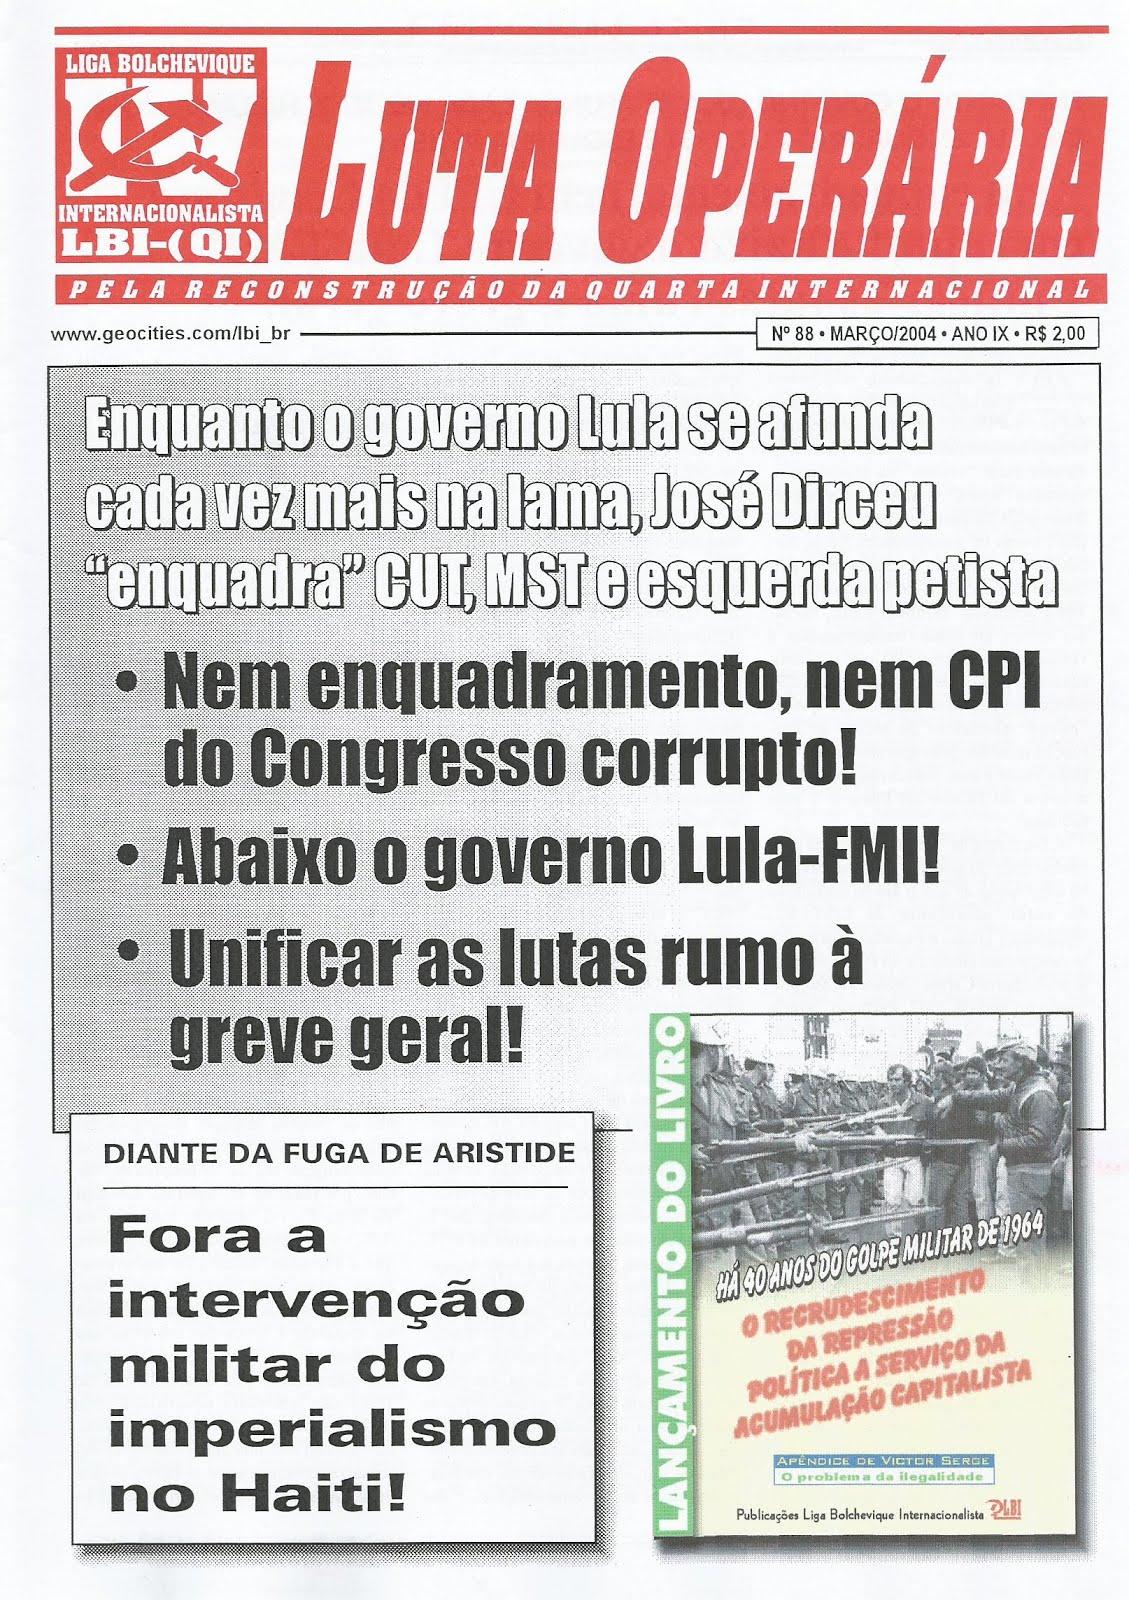 LEIA A EDIÇÃO DO JORNAL LUTA OPERÁRIA Nº88, MARÇO/2004